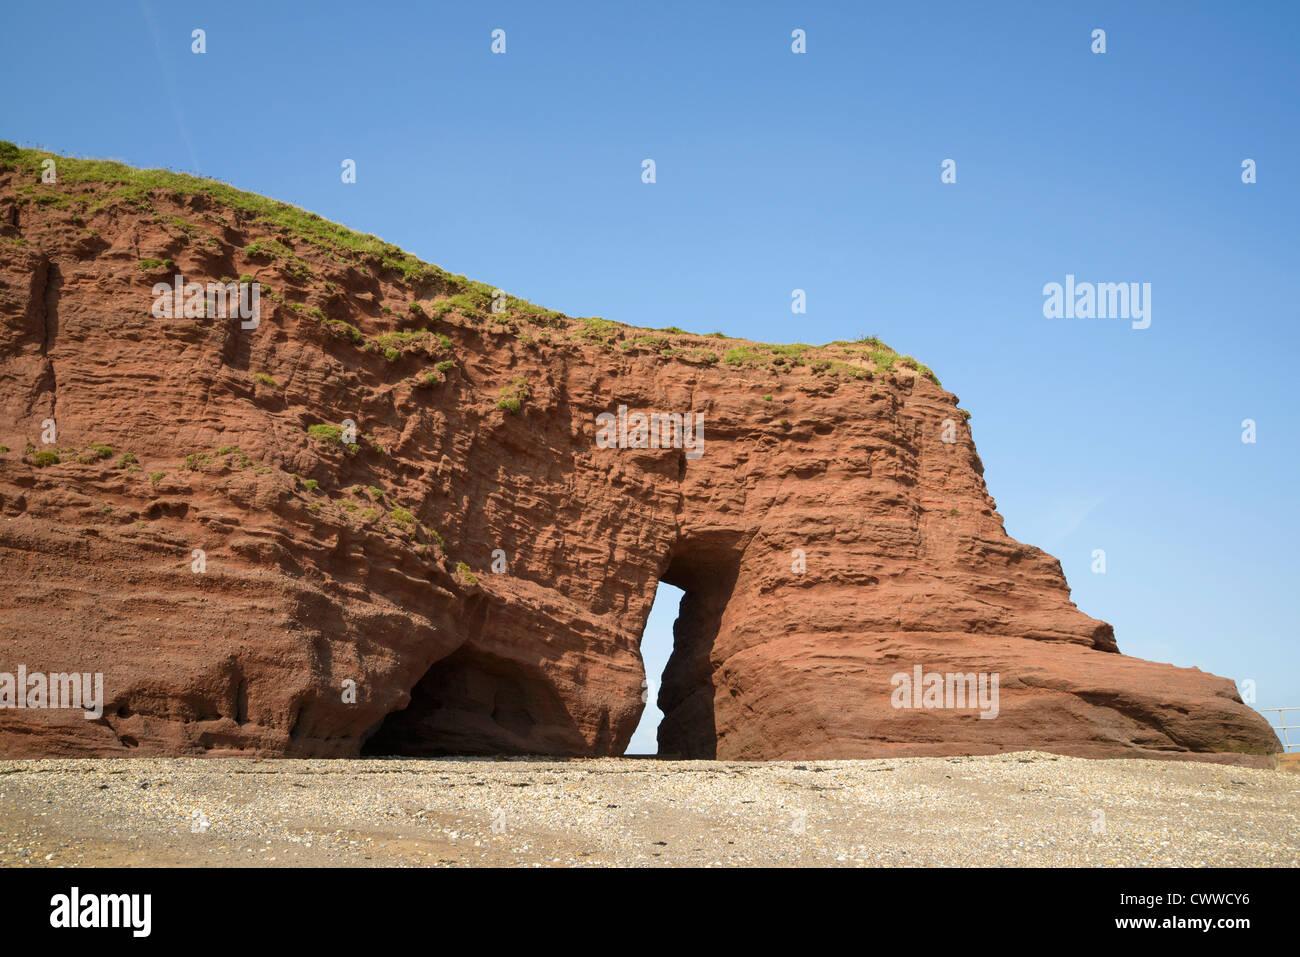 Langstone Rock Dawlish Devon England UK - Stock Image